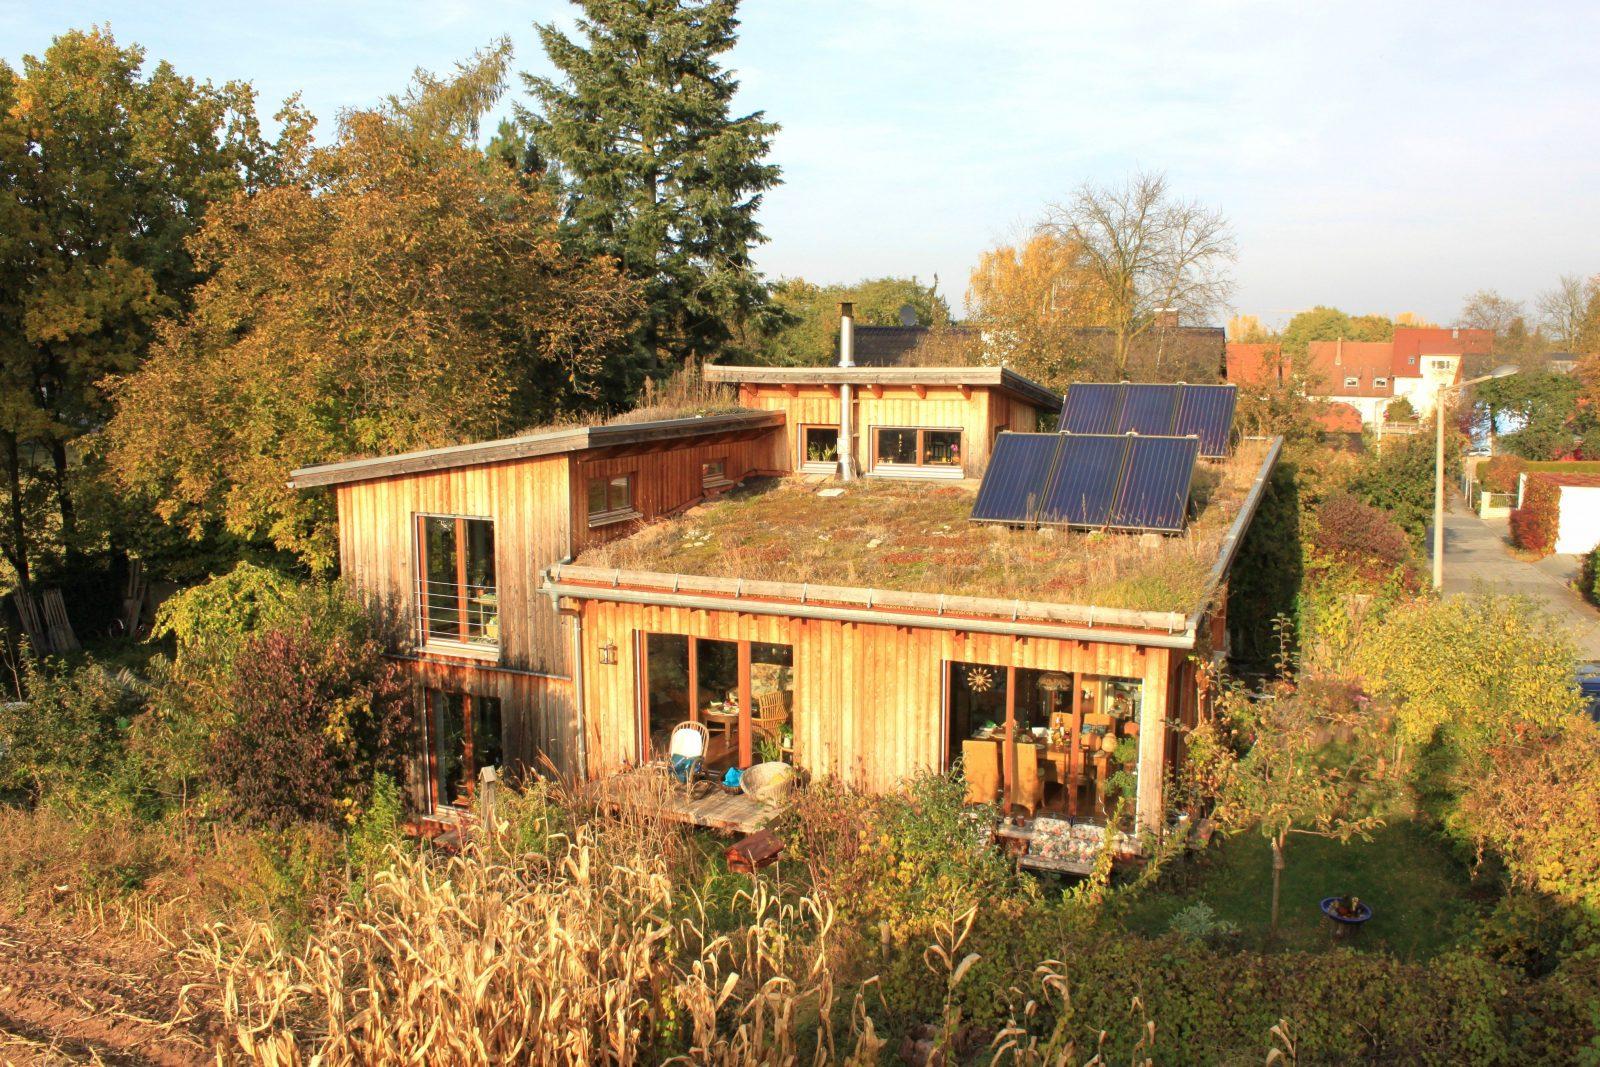 Genial Haus Selber Bauen Kosten Bild Von Holzhaus Con Mini Aus Holz von Haus Selber Bauen Kosten Bild